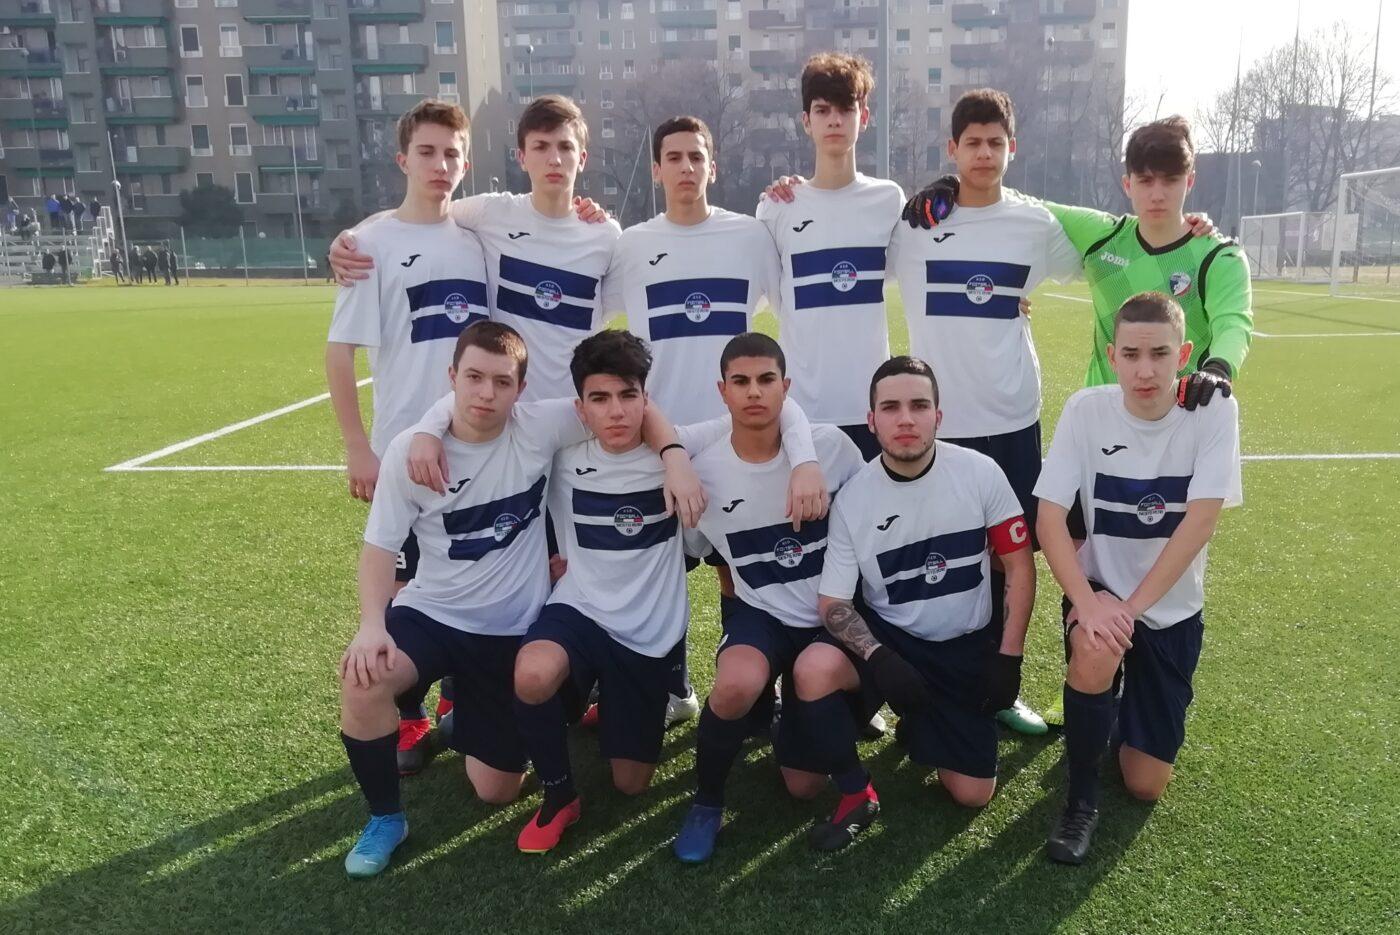 Sesto 2012 - Villapizzone Under 17 Milano: Sesto 2012